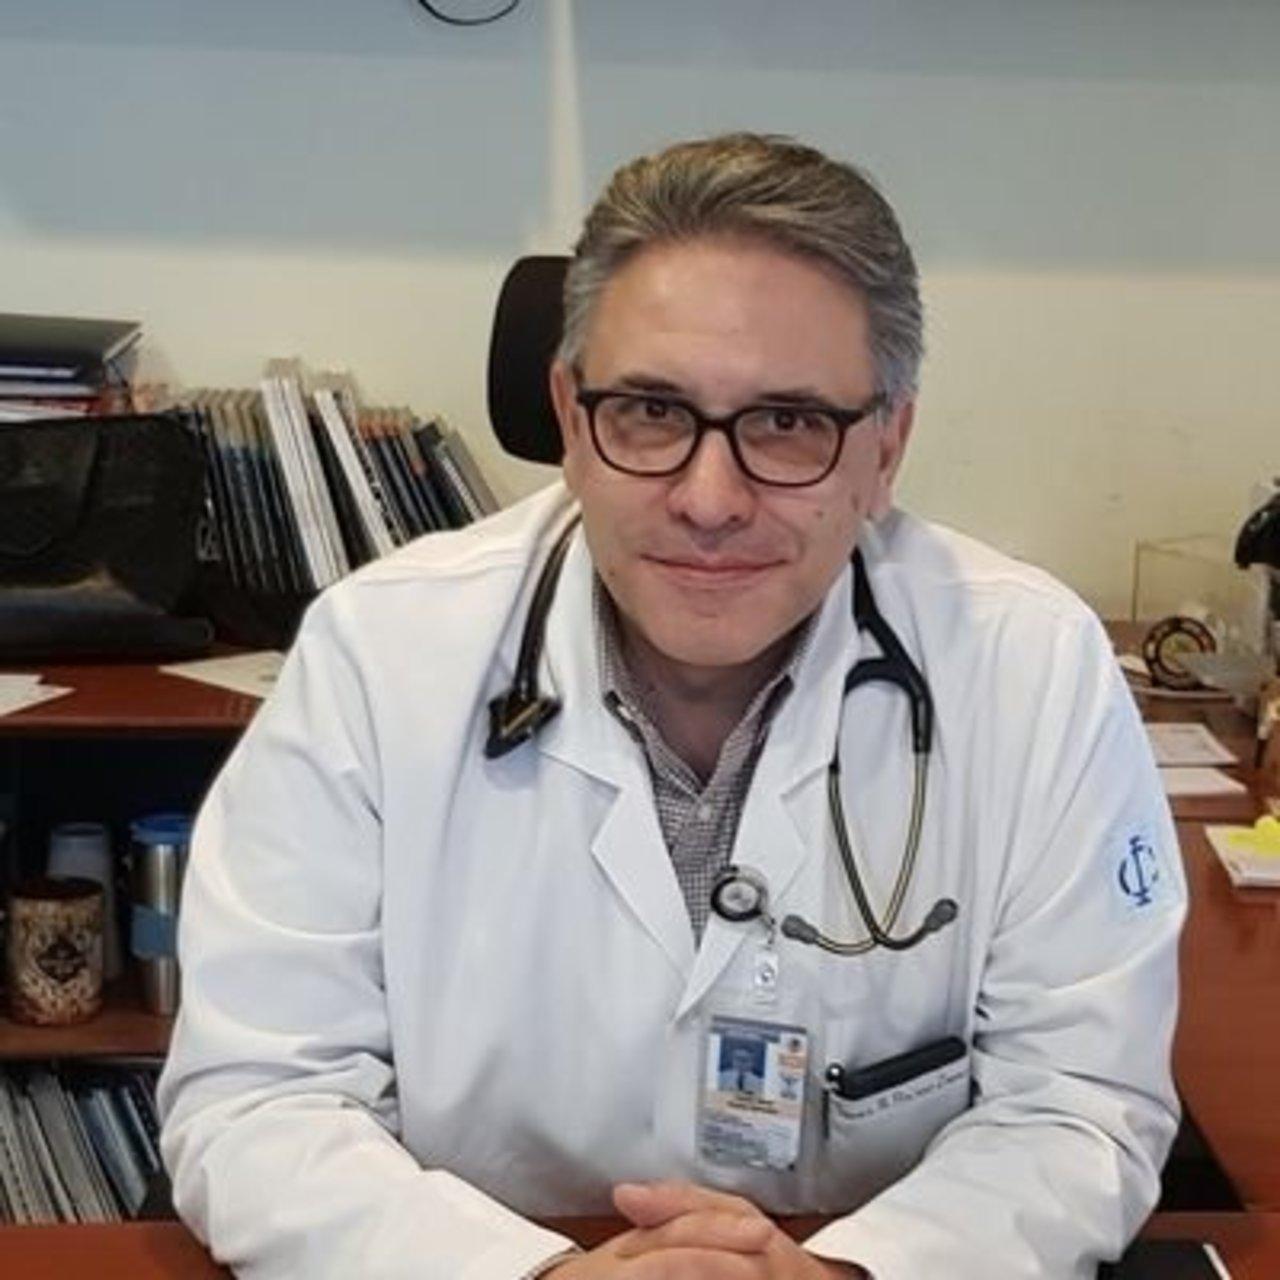 Hipertensión arterial pulmonar, una enfermedad silenciosa y mortal